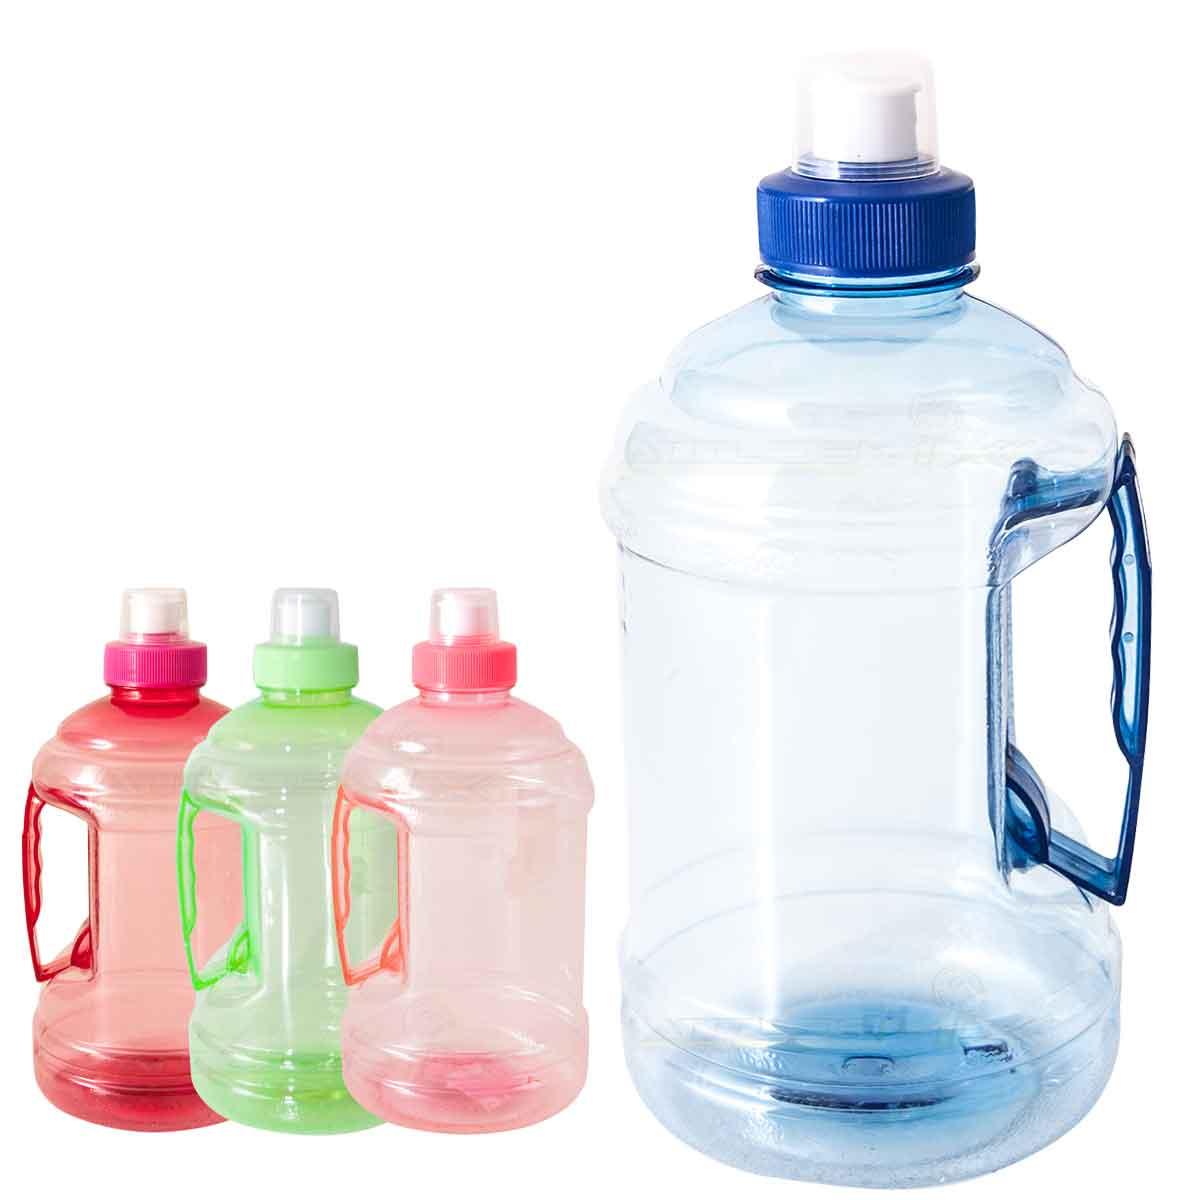 Garrafa Squeeze Água Mini Galão 1 Litro Esportes Academia